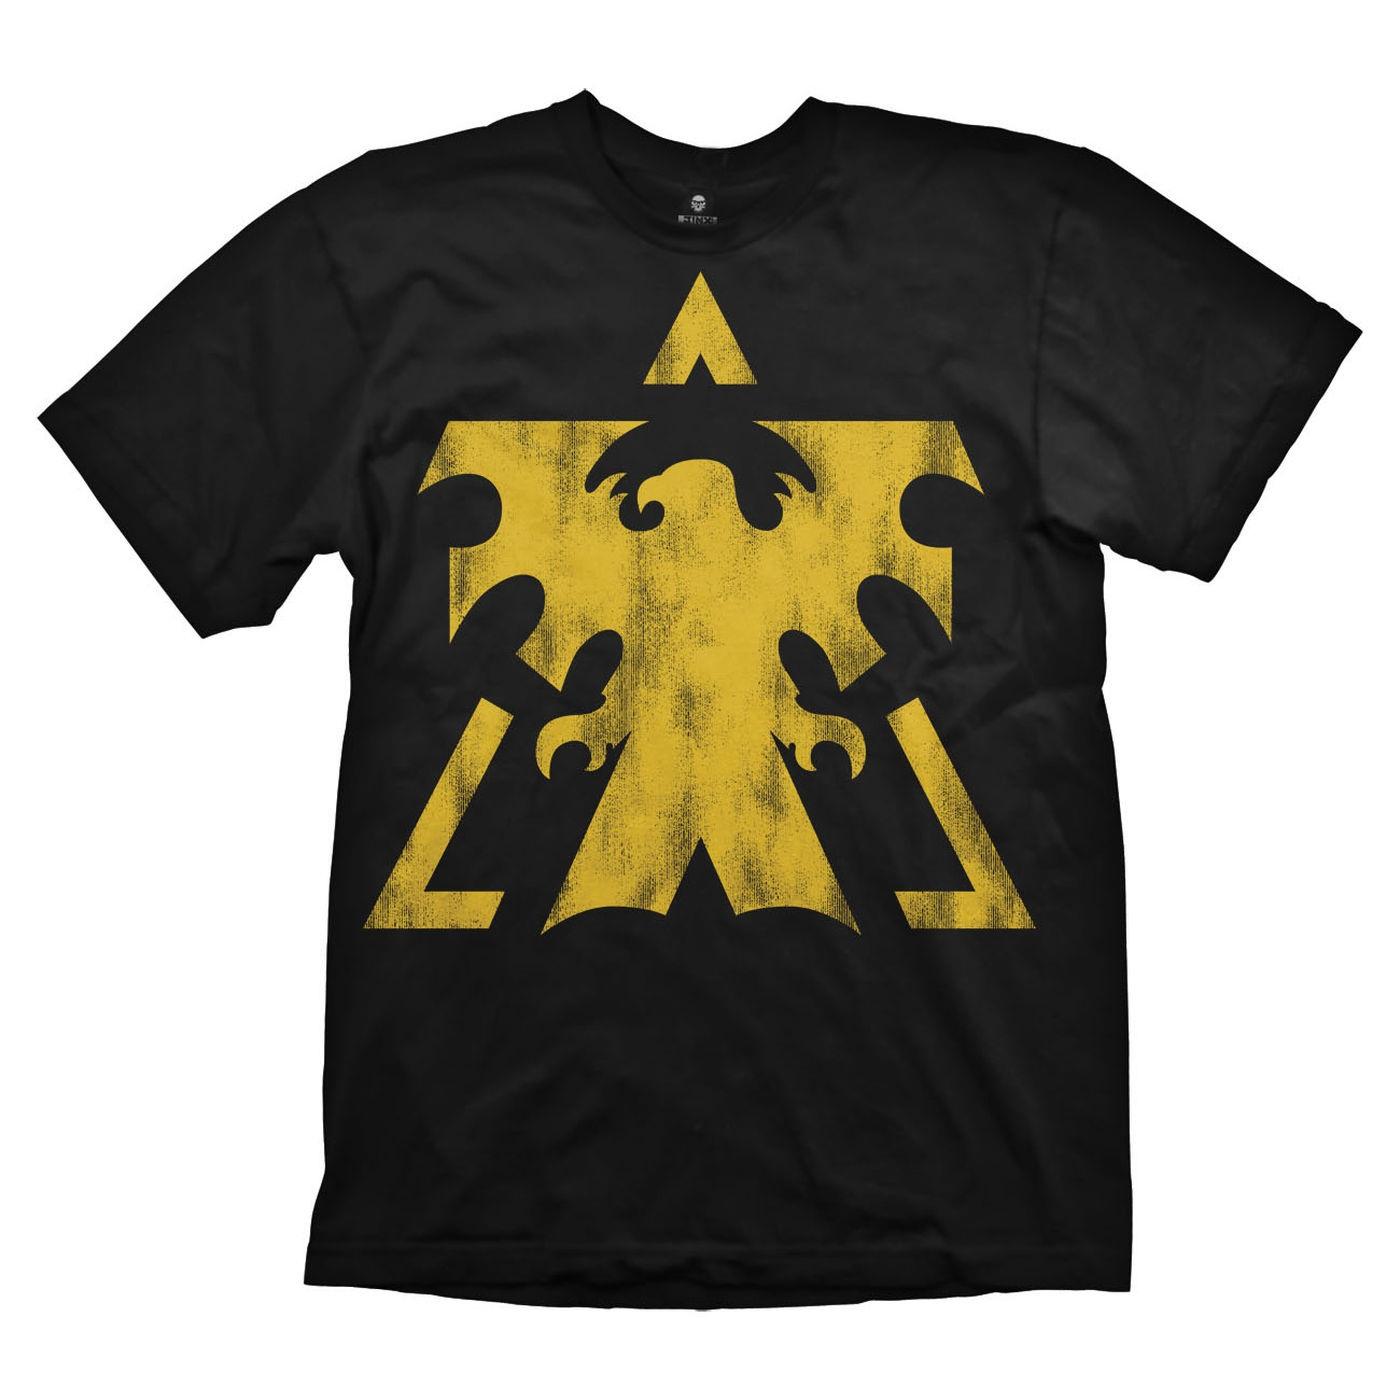 Craft Black Metal T Shirt